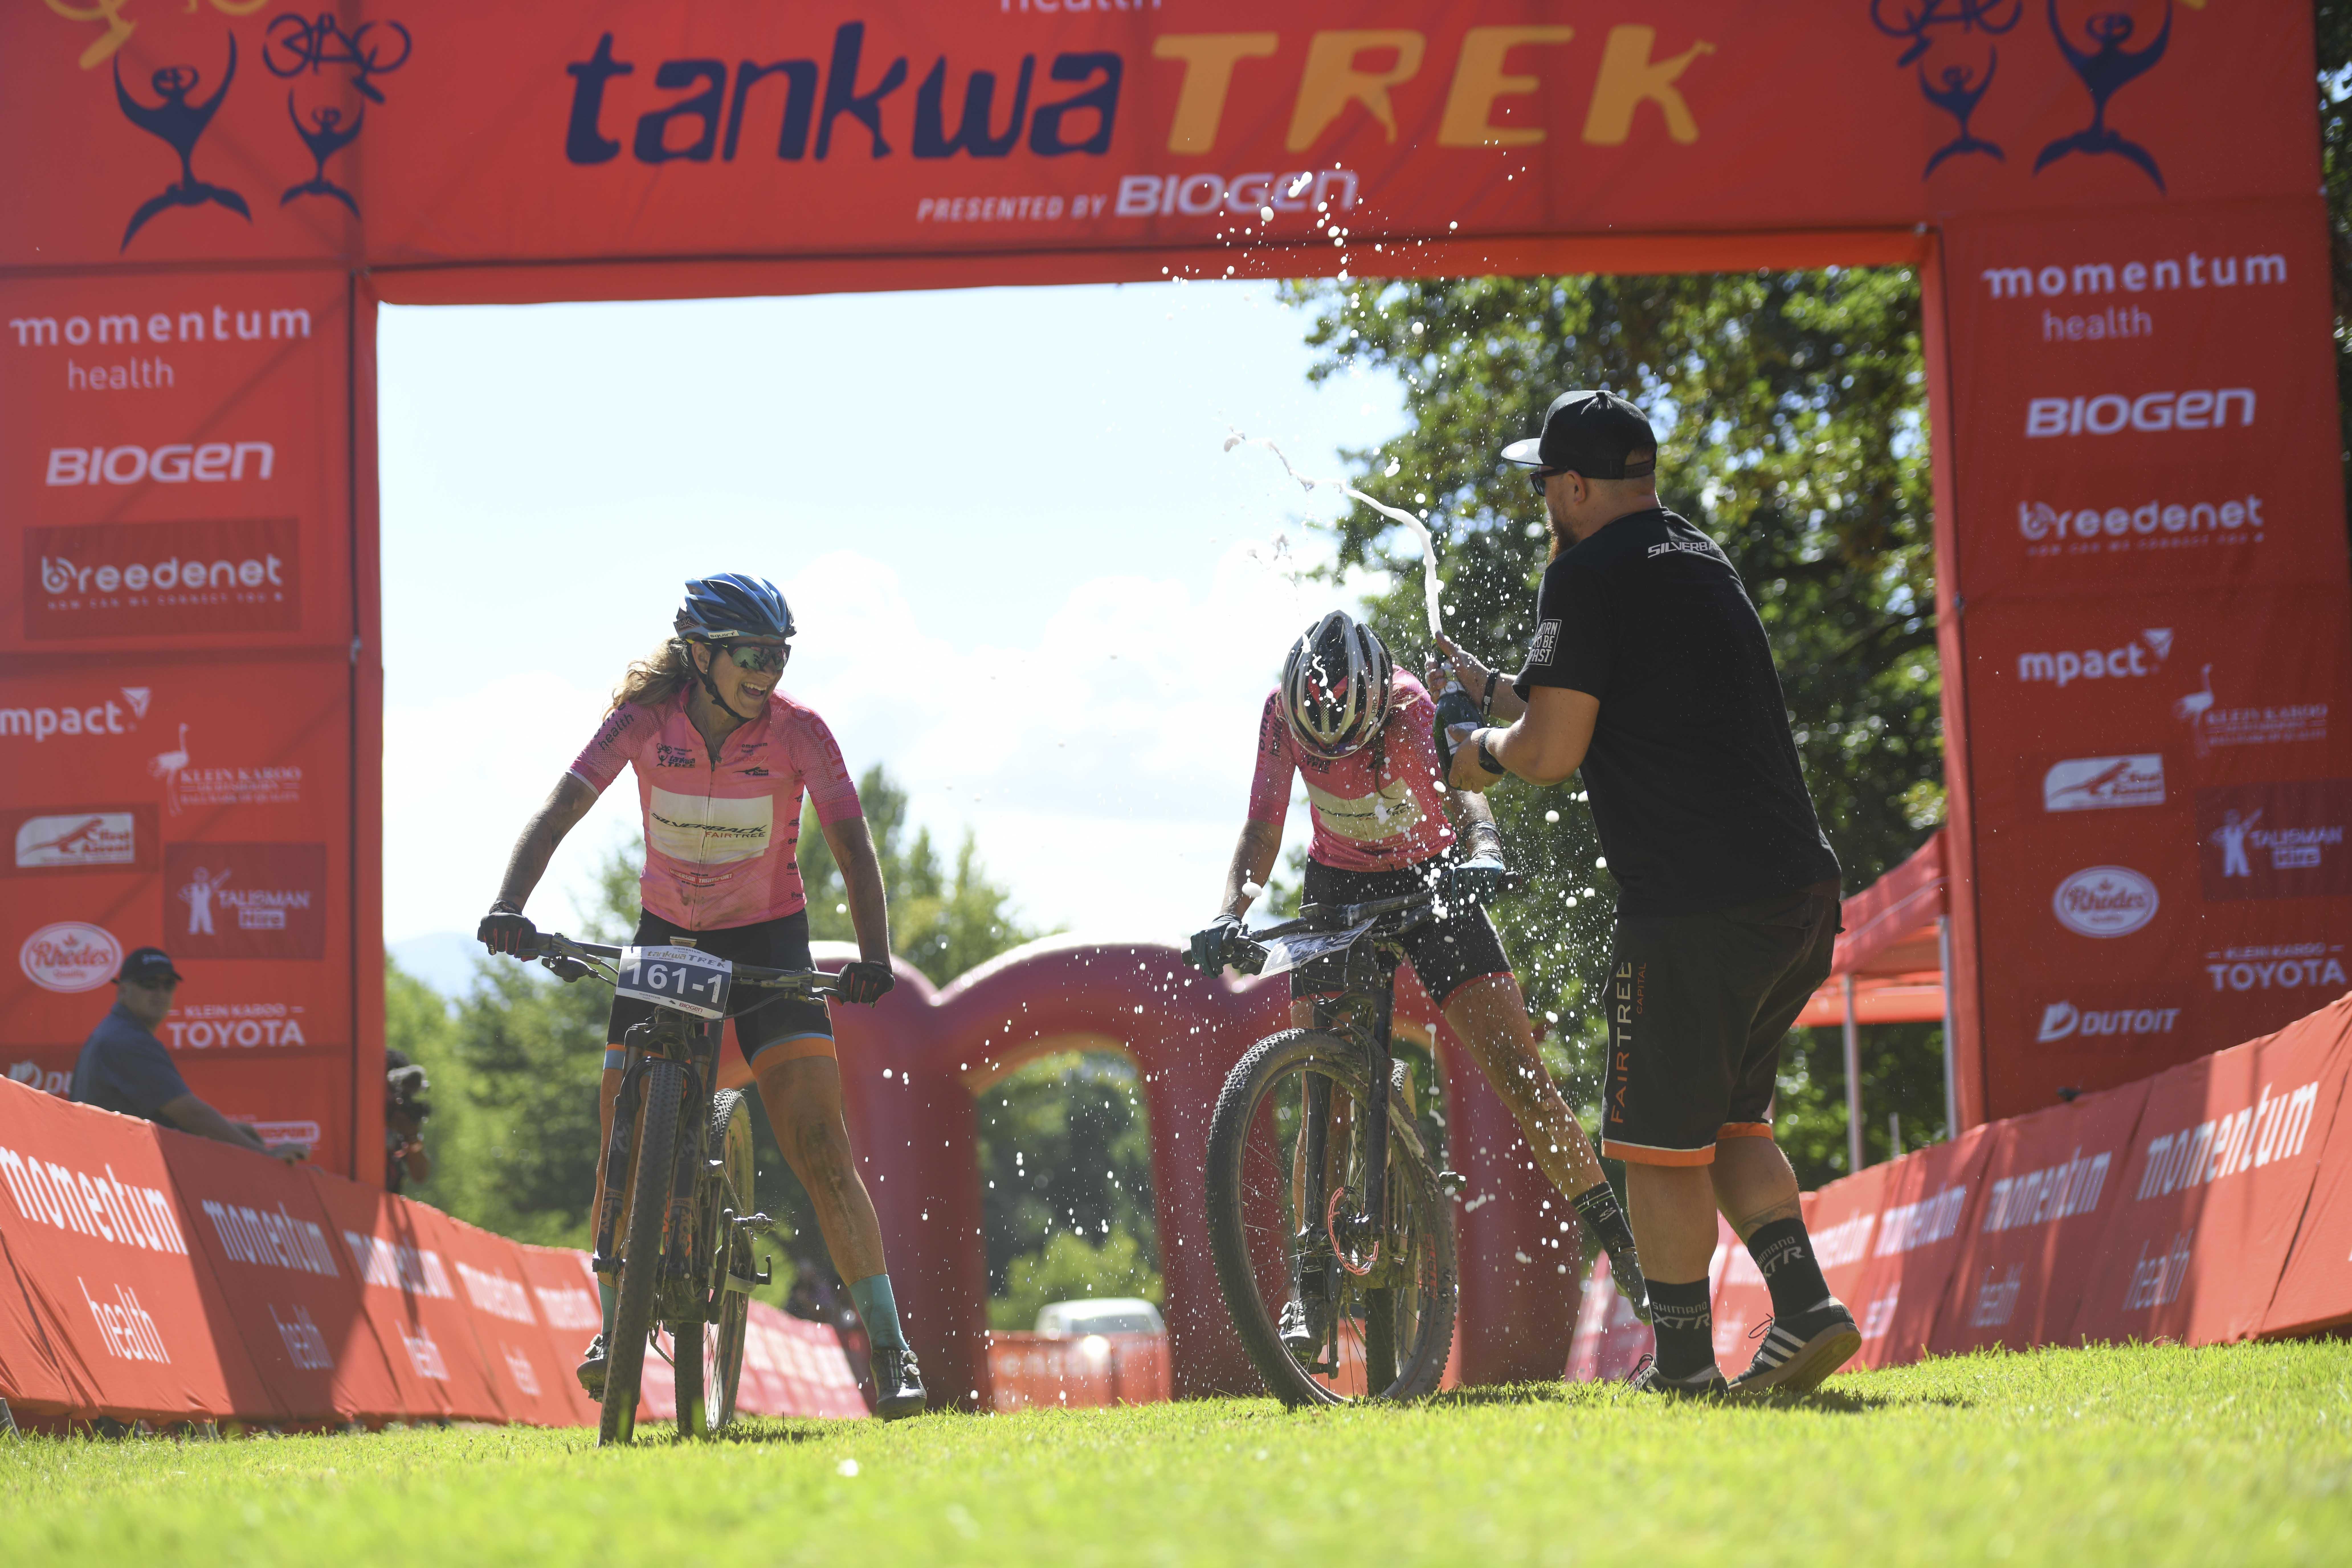 Tankwa Trek 2019 Stage 4